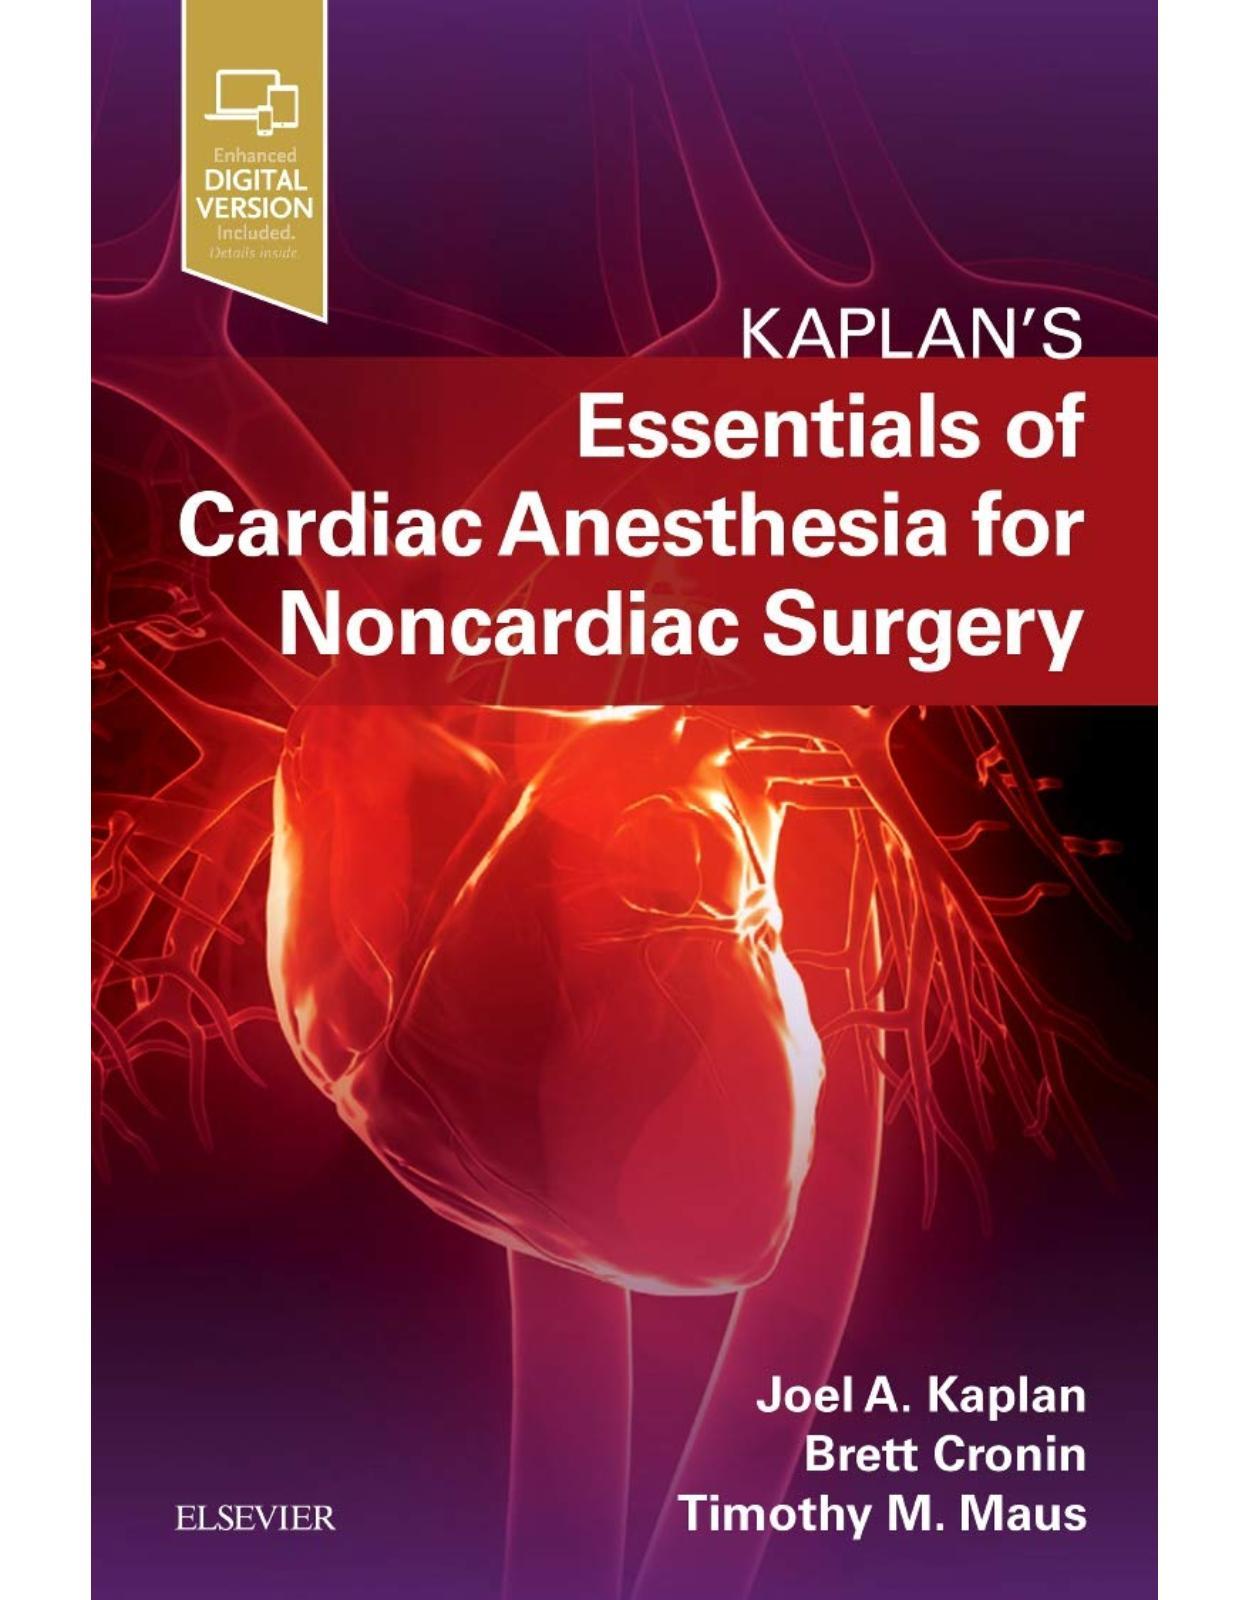 Essentials of Cardiac Anesthesia for Noncardiac Surgery: A Companion to Kaplan's Cardiac Anesthesia, 1e